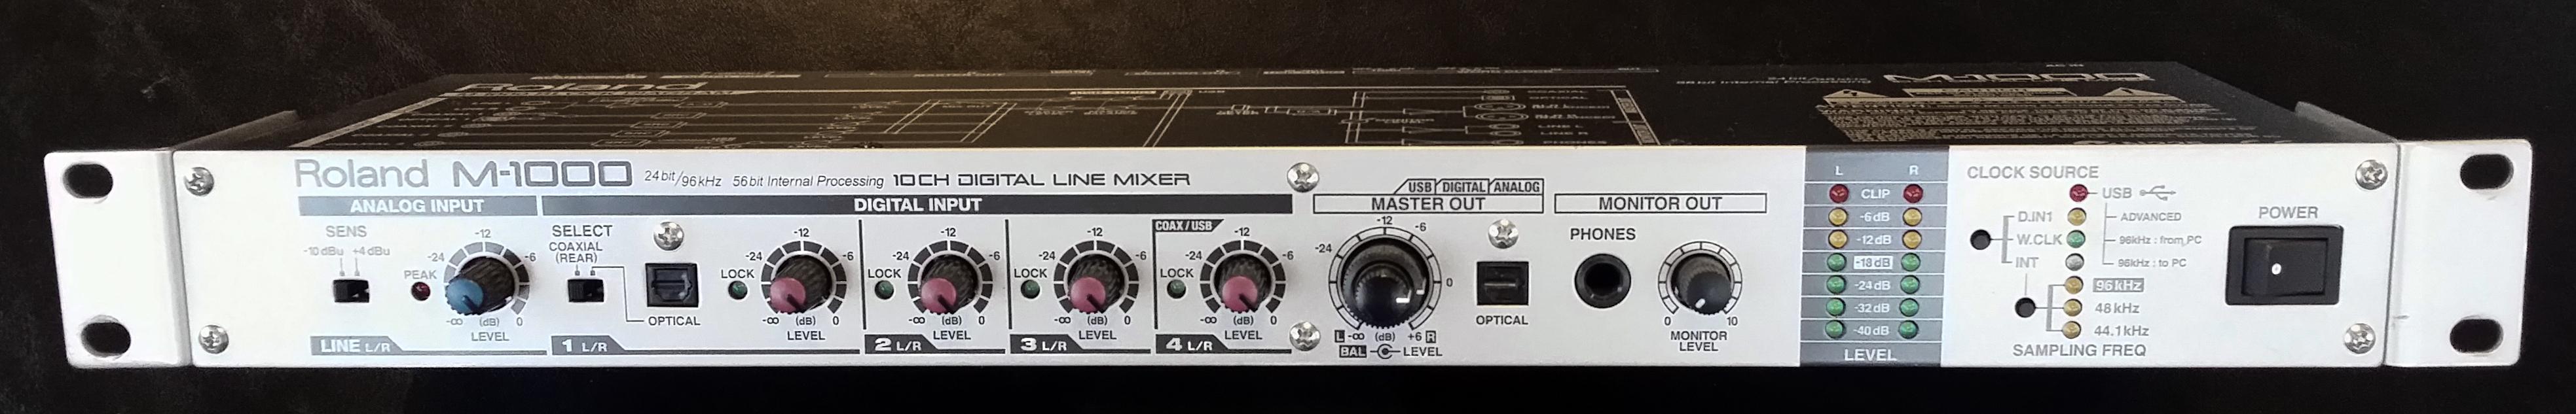 Roland-M1000-1.jpg